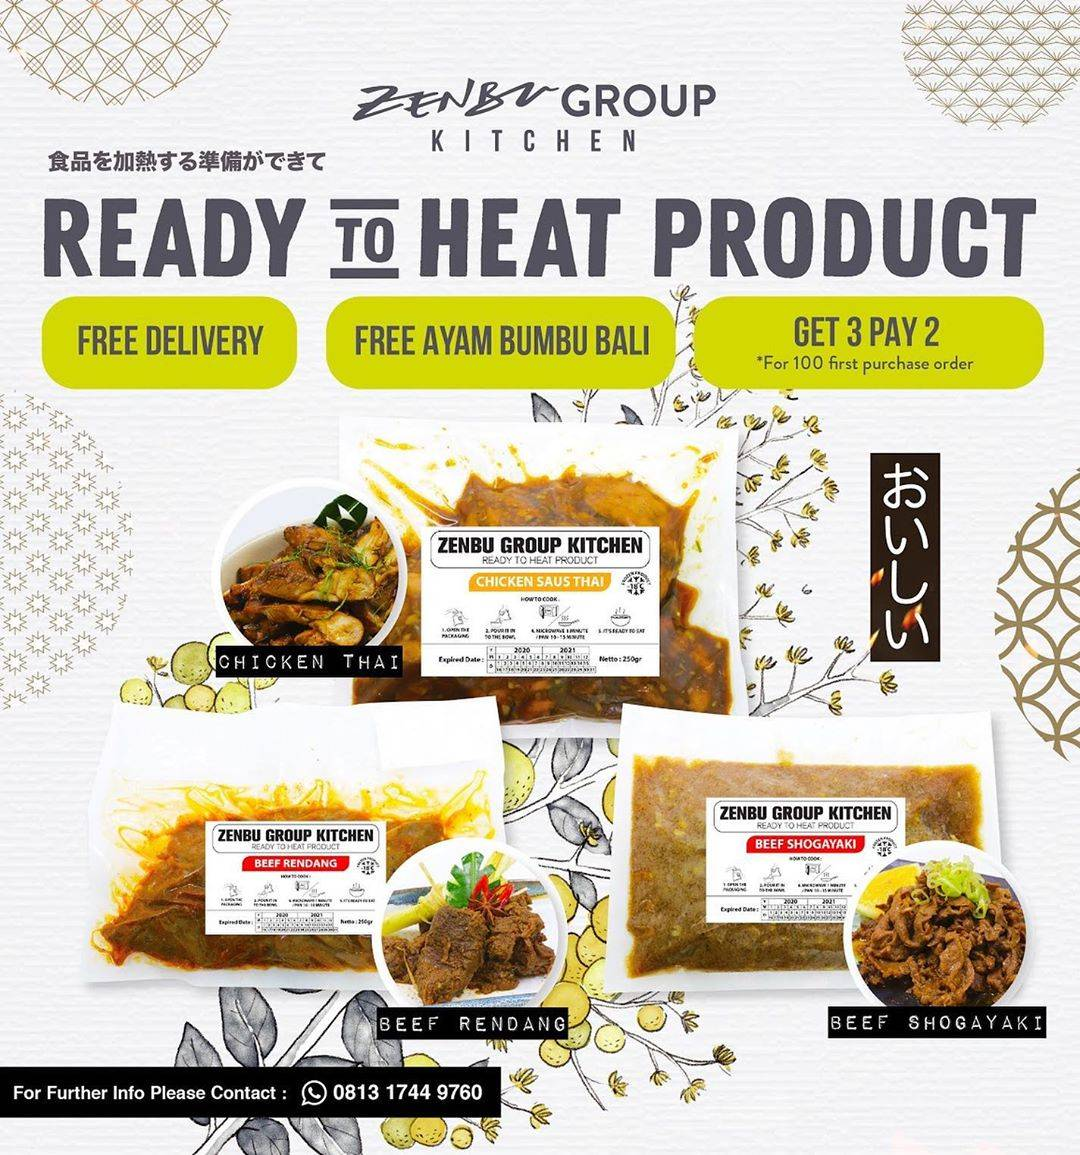 Diskon Zenbu Group Kitchen Promo Gratis Ayam Bumbu Bali, Buy 2 Get 3, Gratis Ongkir